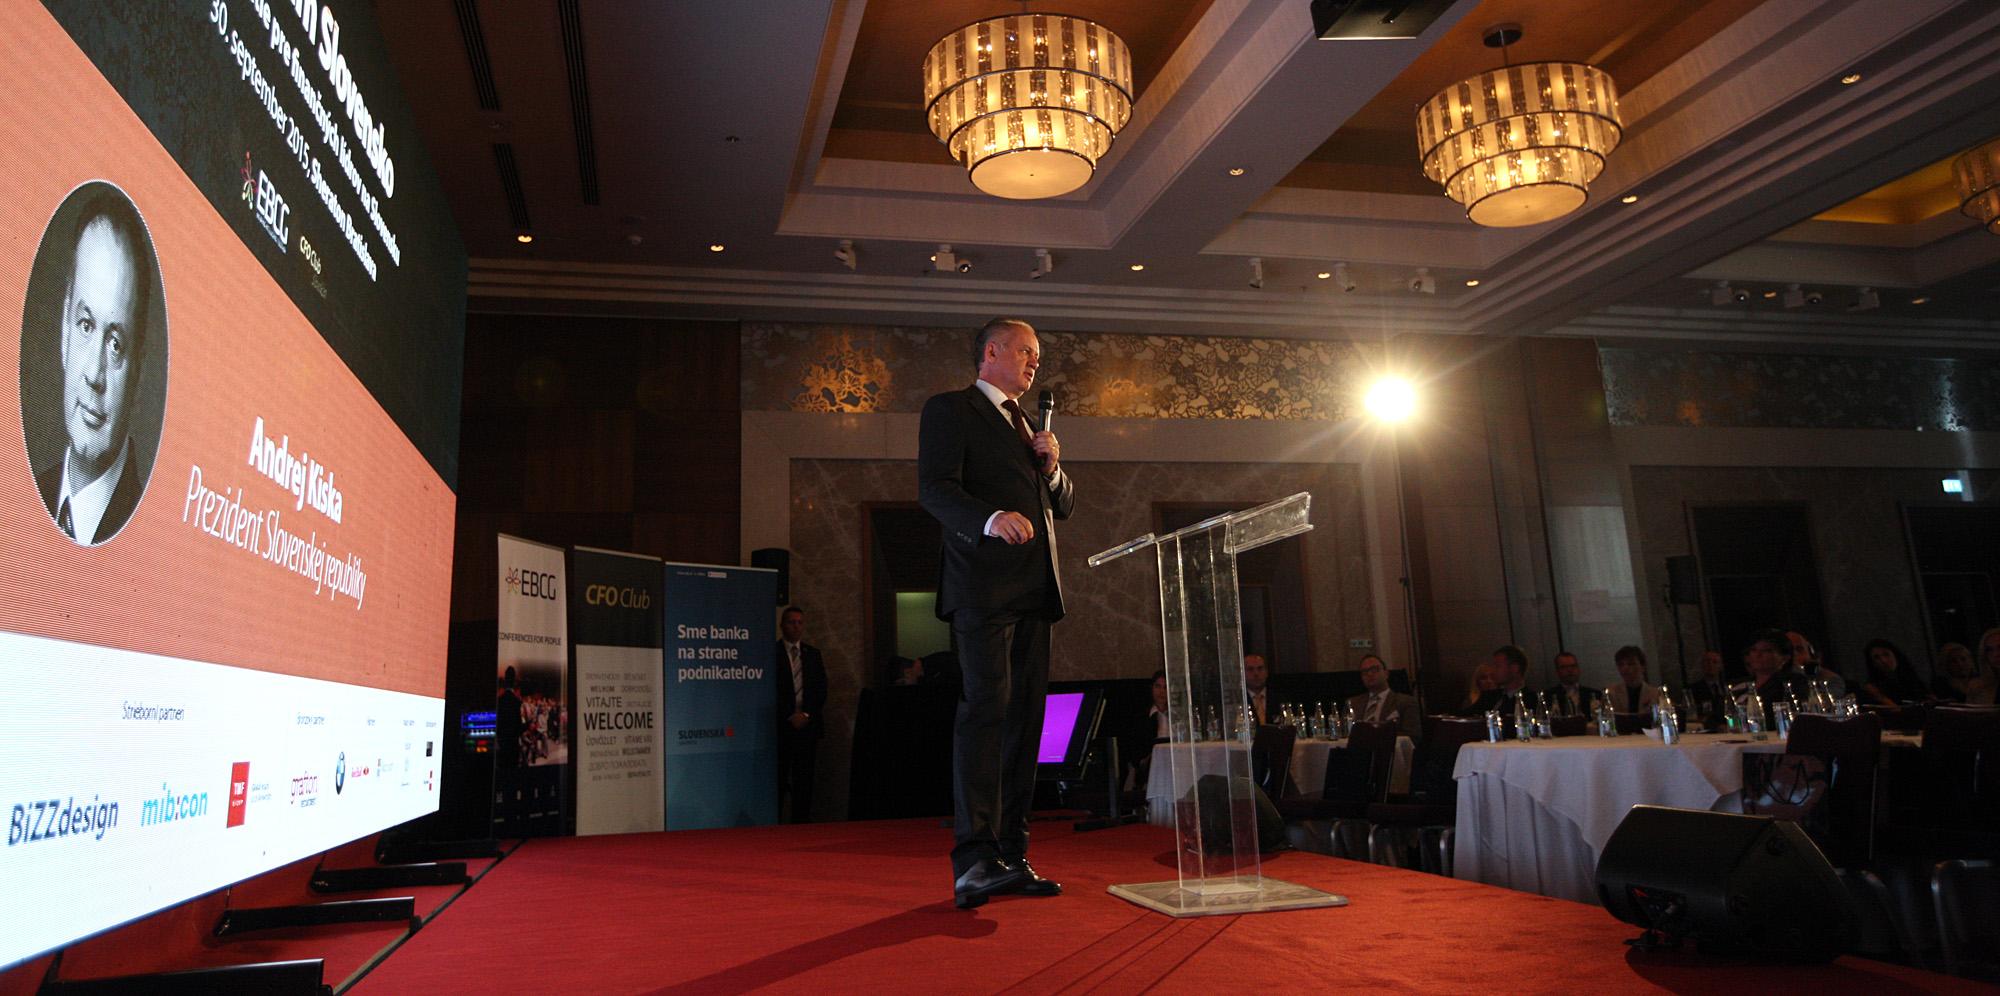 Prezident vystúpil na konferenciách pre finančných lídrov a startupy